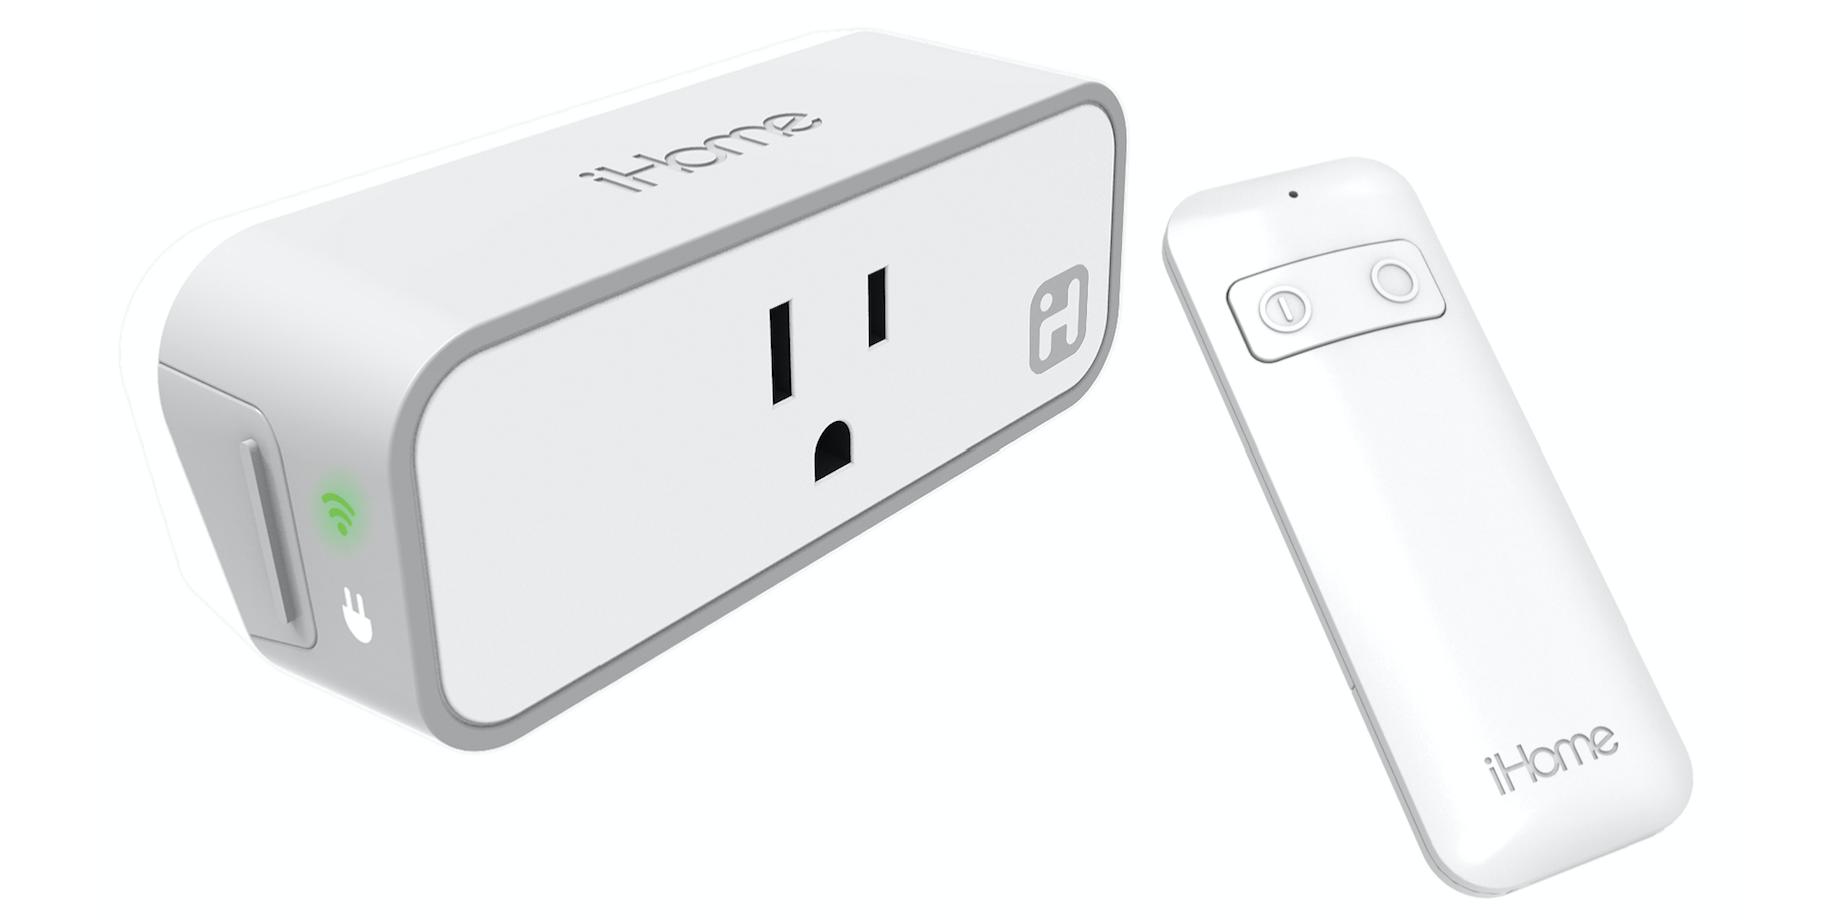 iHome-smartplug